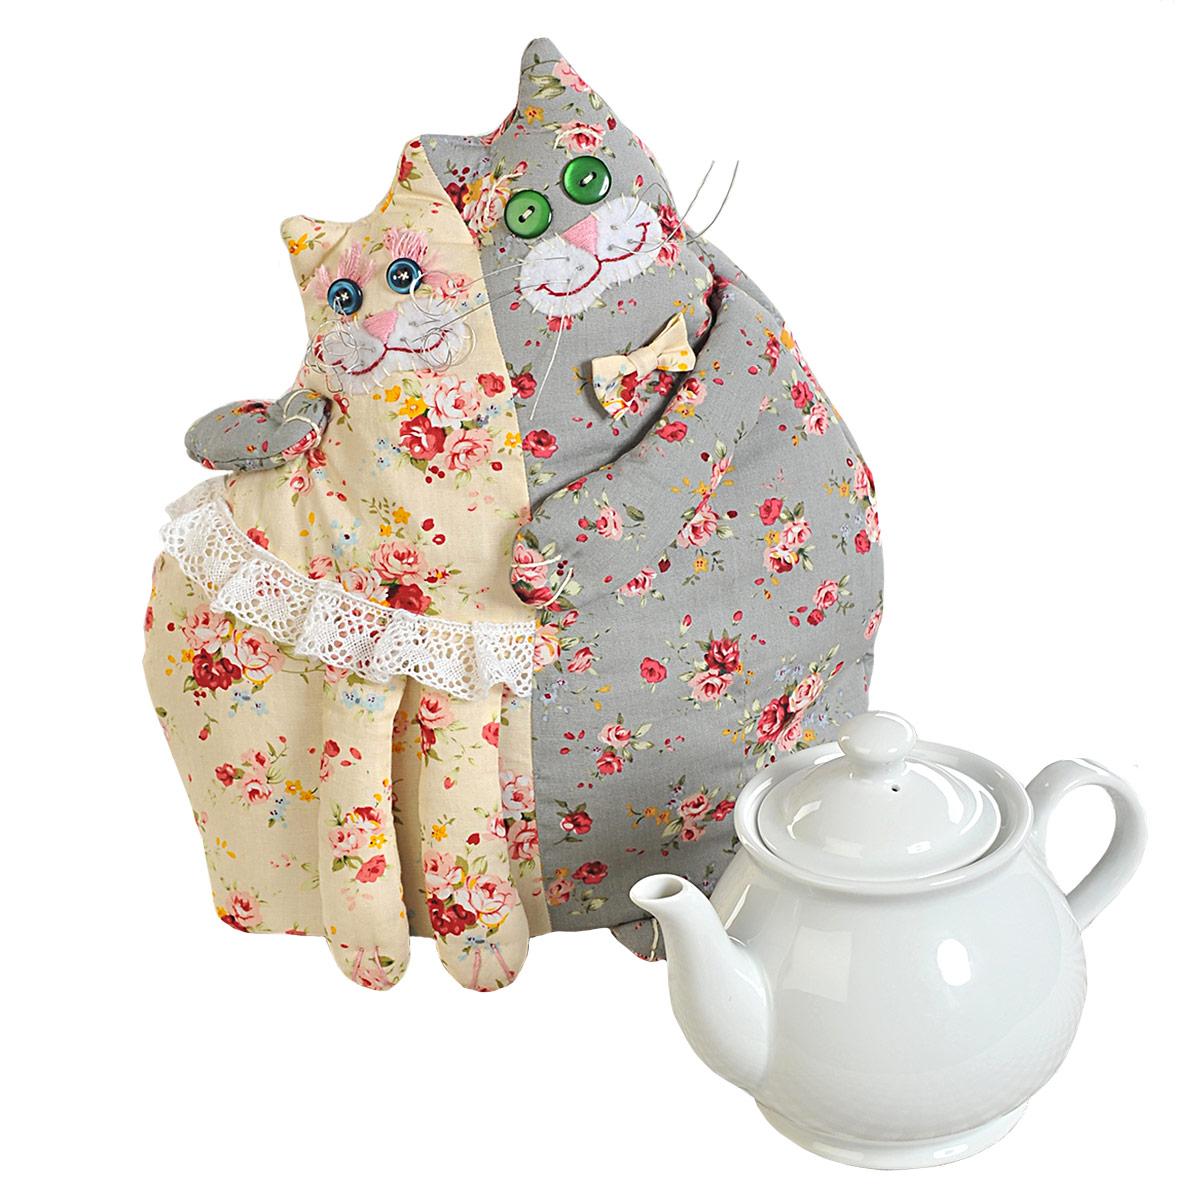 ПГЧ1101 Набор для изготовления текстильной игрушки 'Кошки-грелка', 21х28 см, 'Перловка'